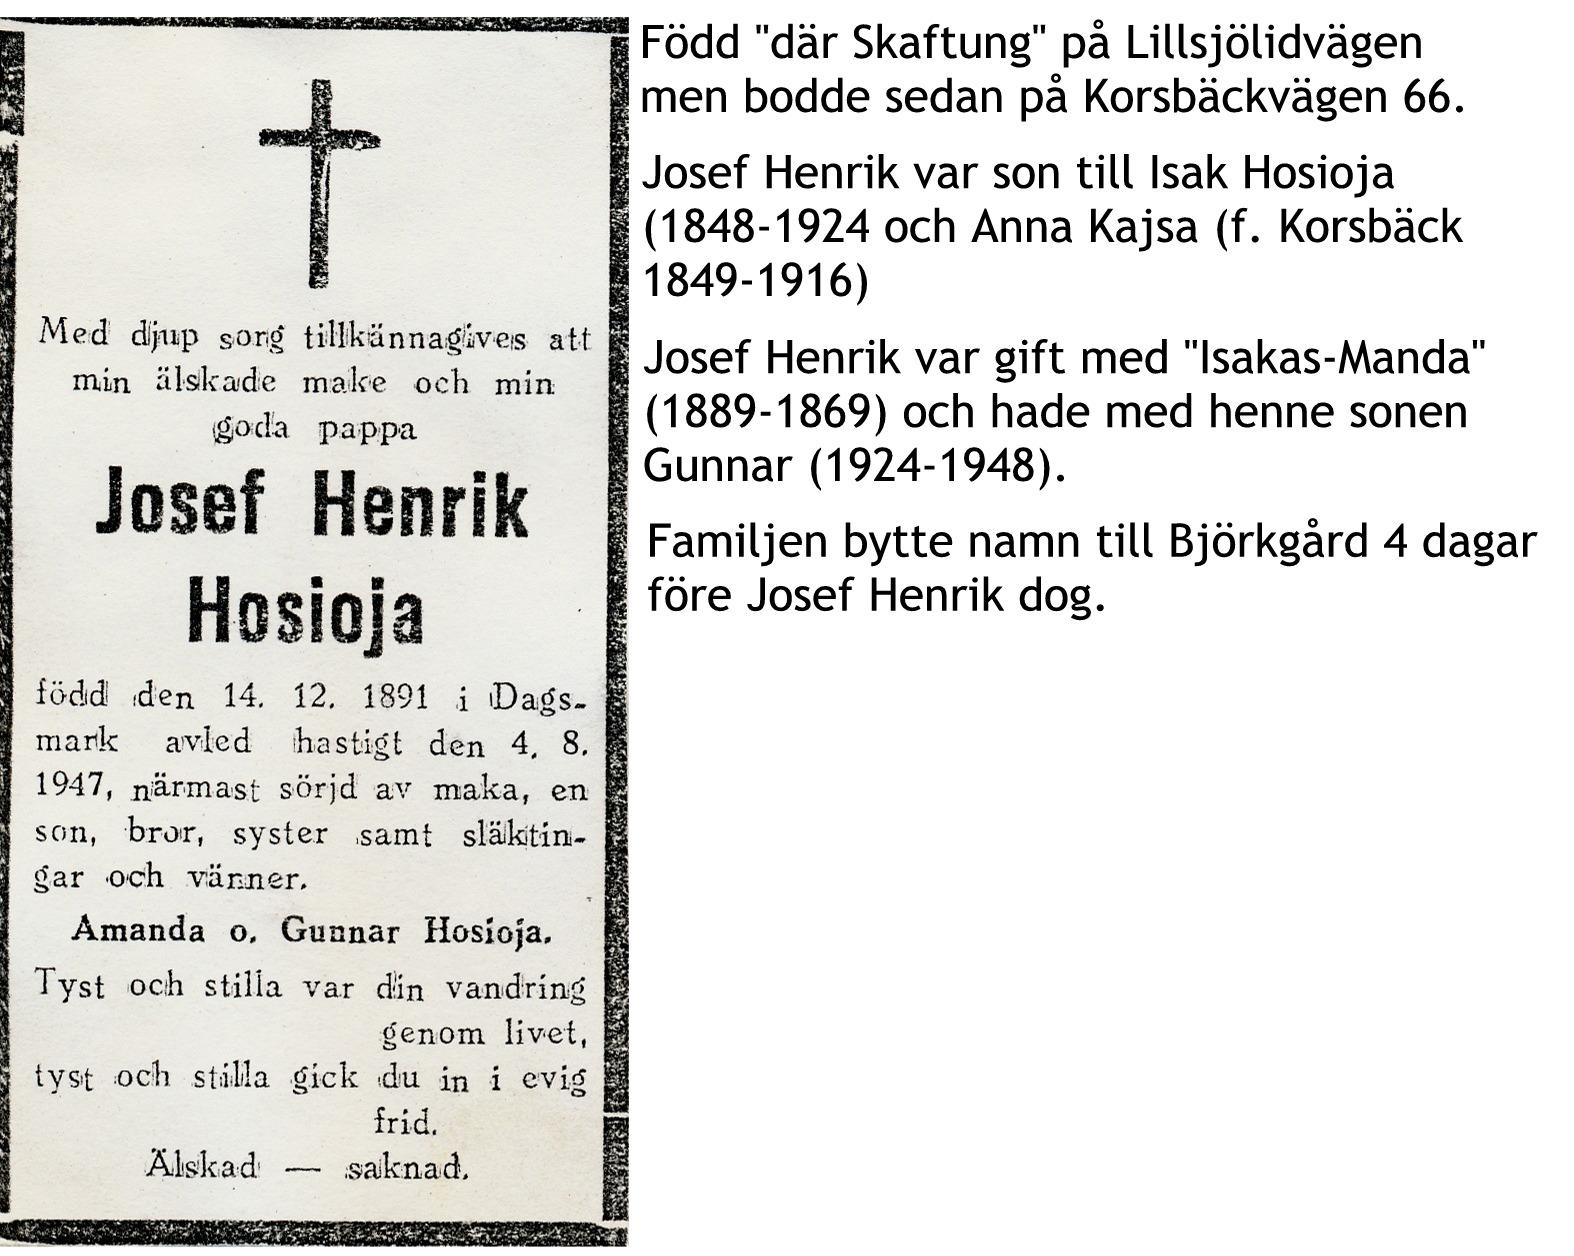 Hosioja Josef Henrik